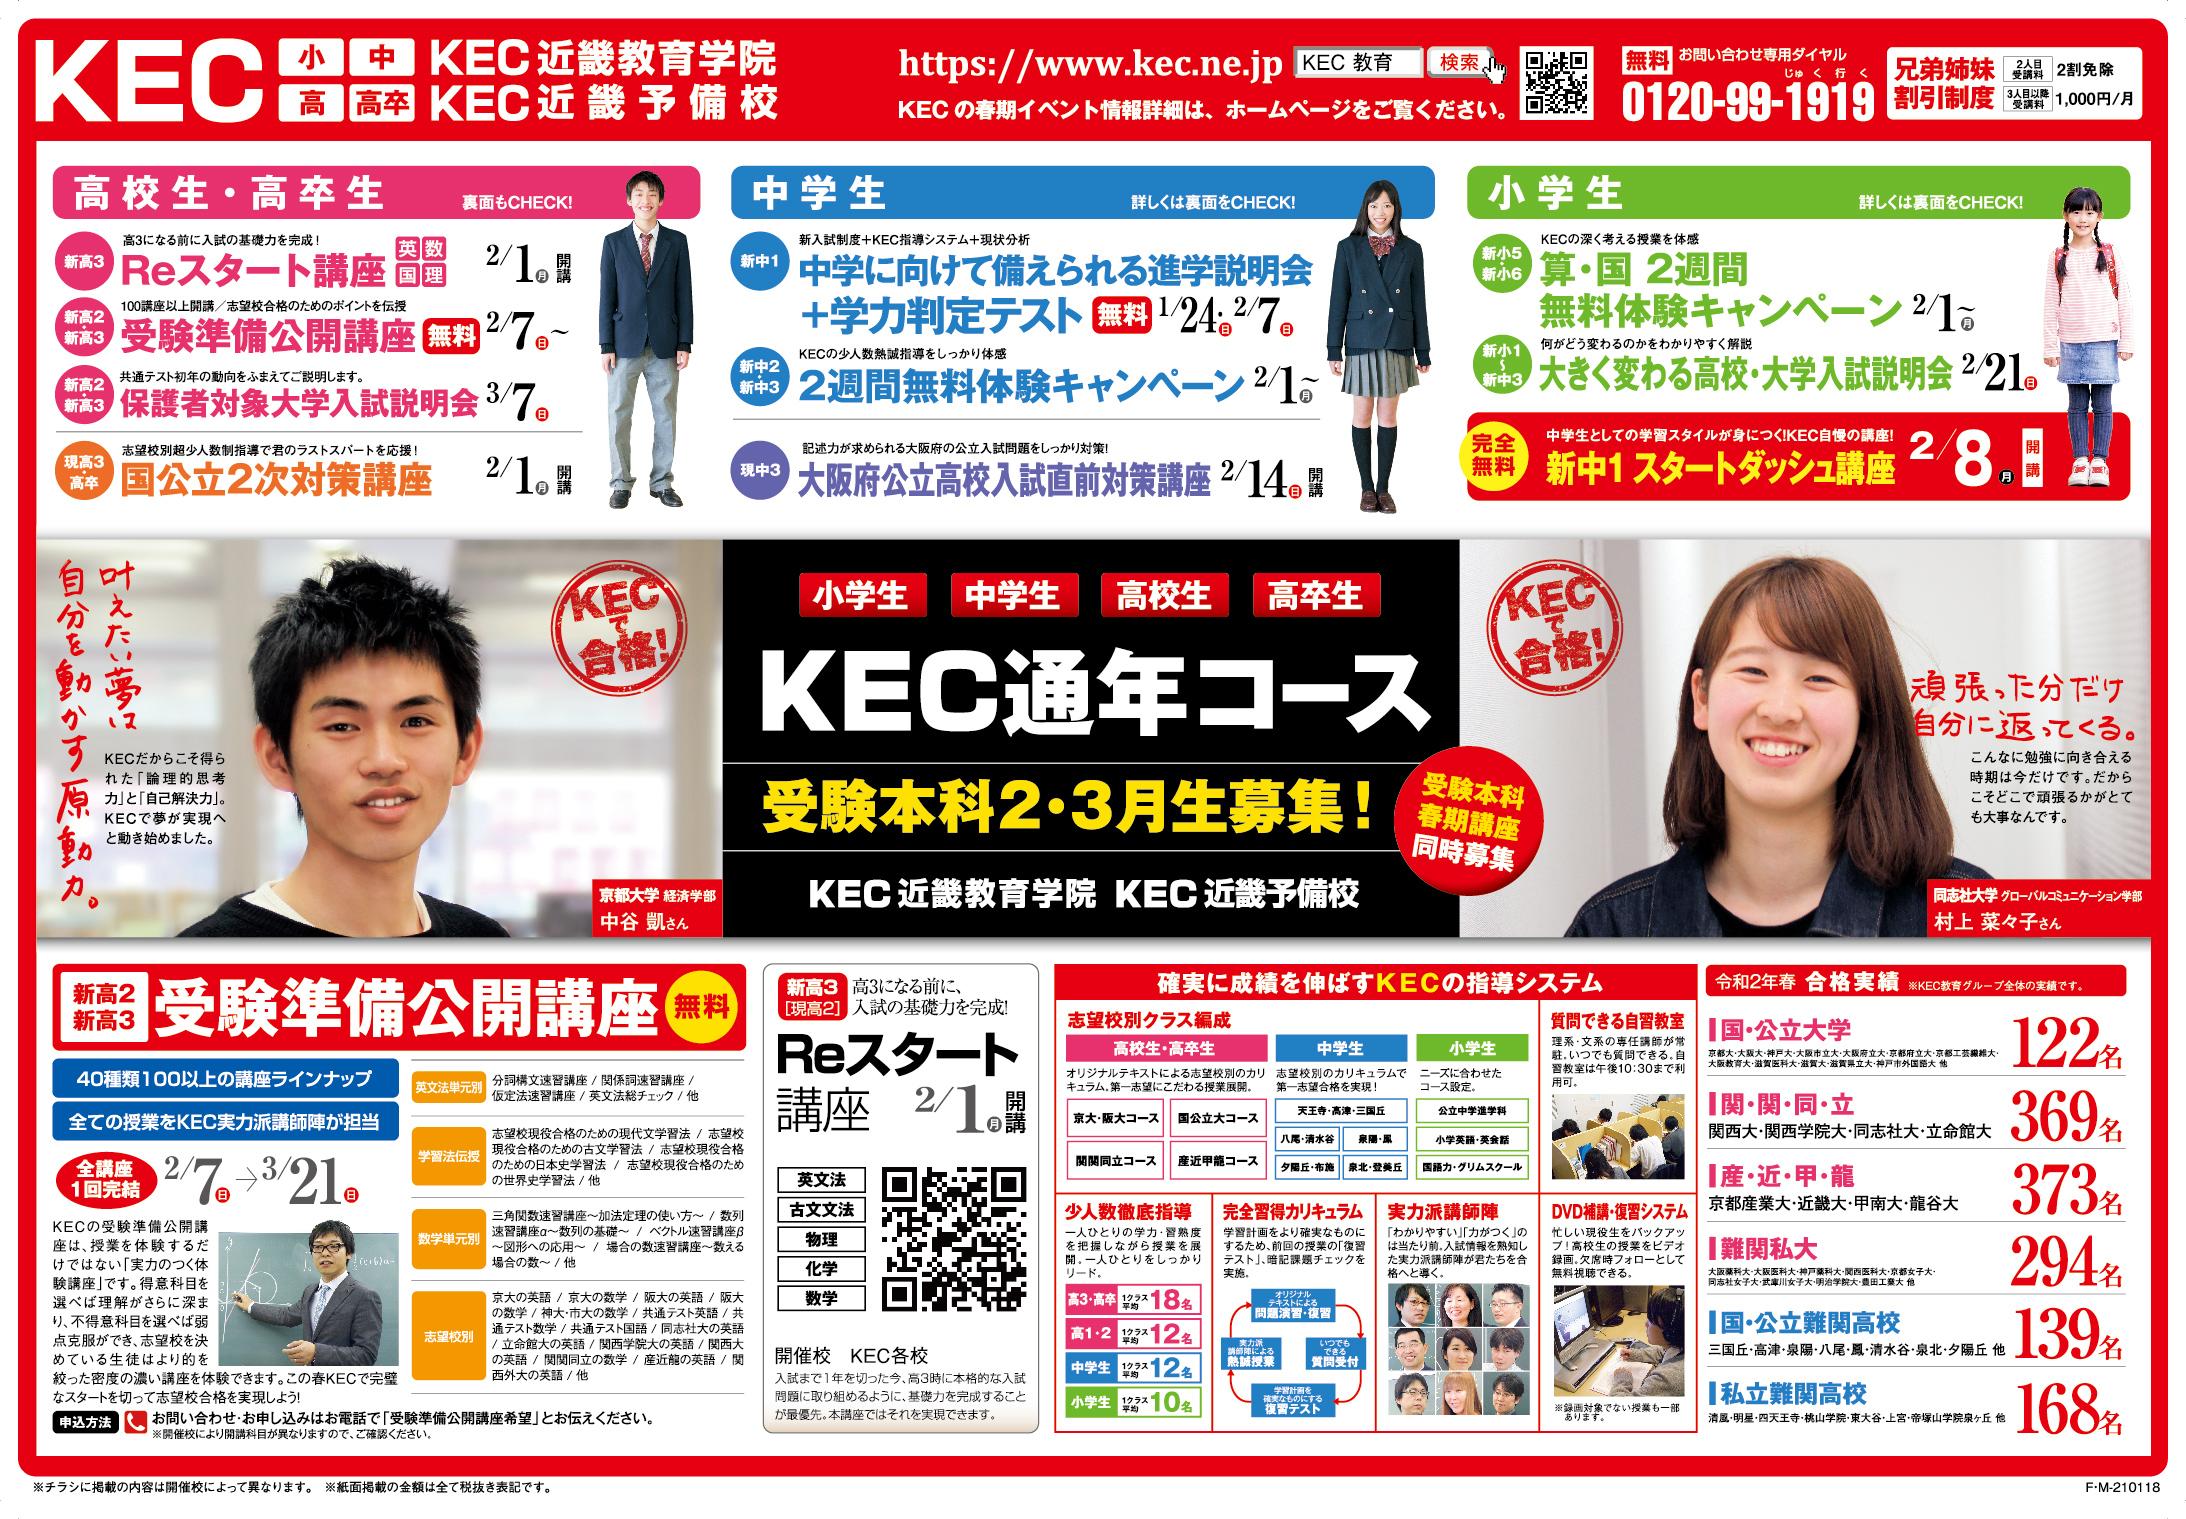 2020 私立 倍率 大阪 高校 府